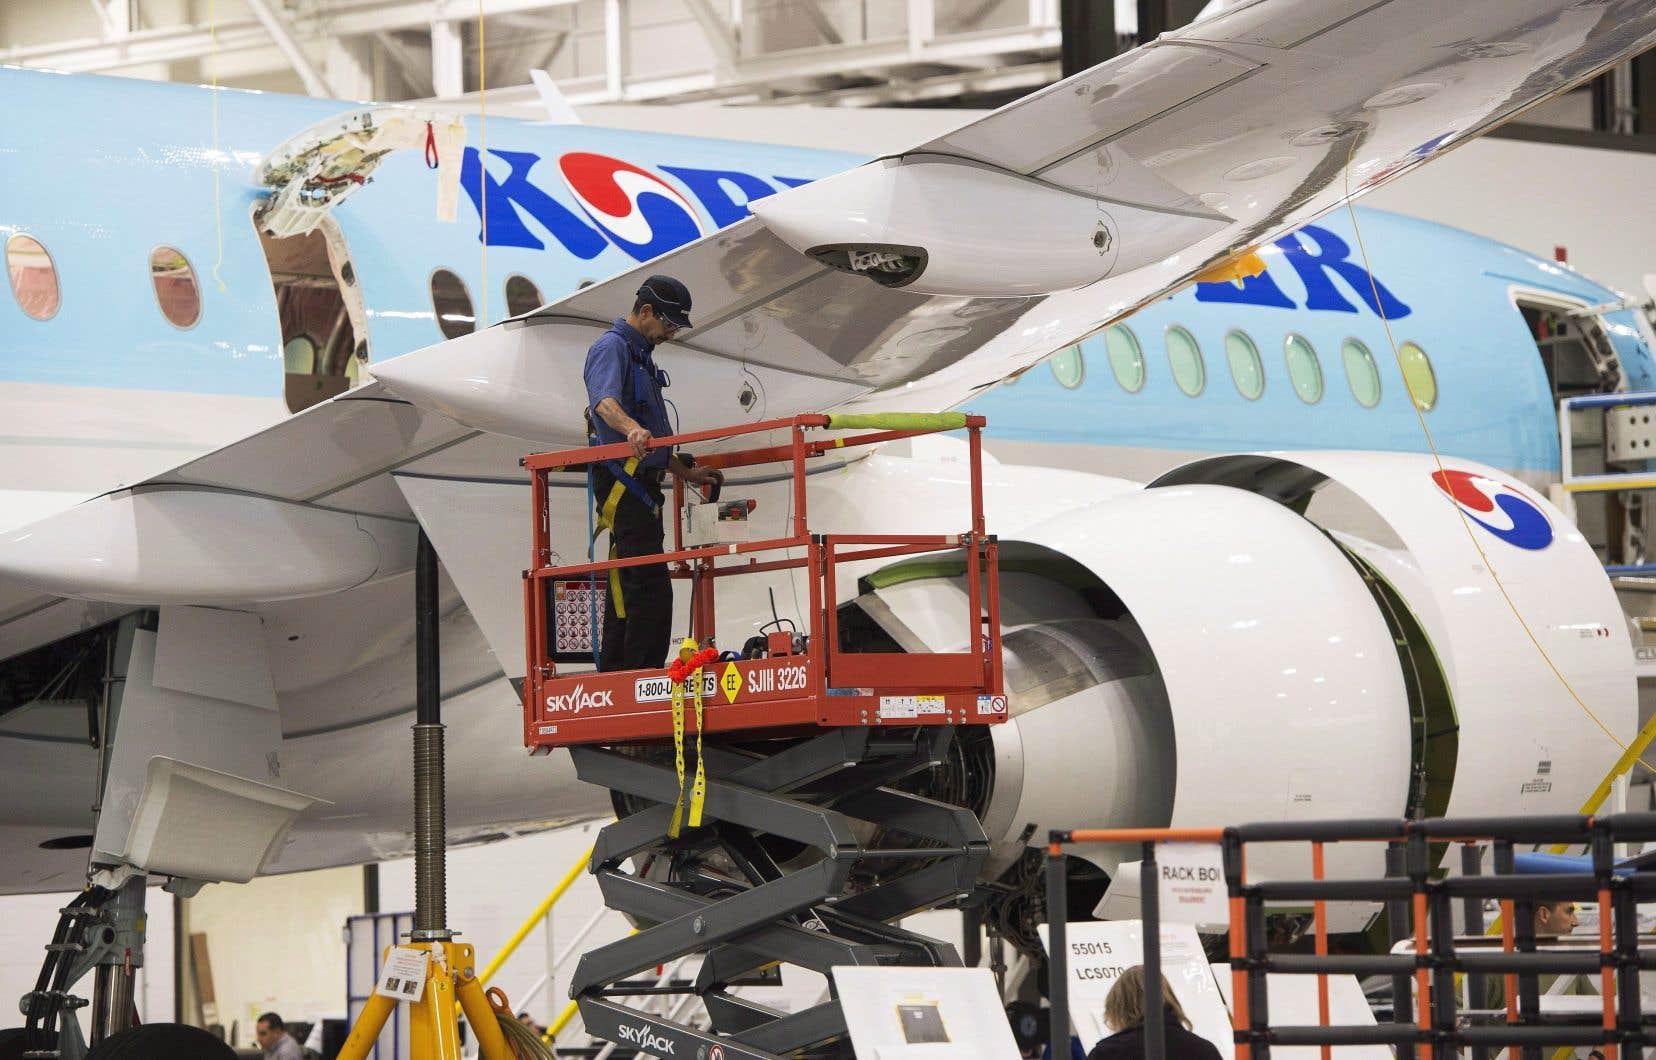 Le pays compte environ 500 petites et moyennes entreprises dans le secteur, selon l'Association des industries aérospatiales du Canada.